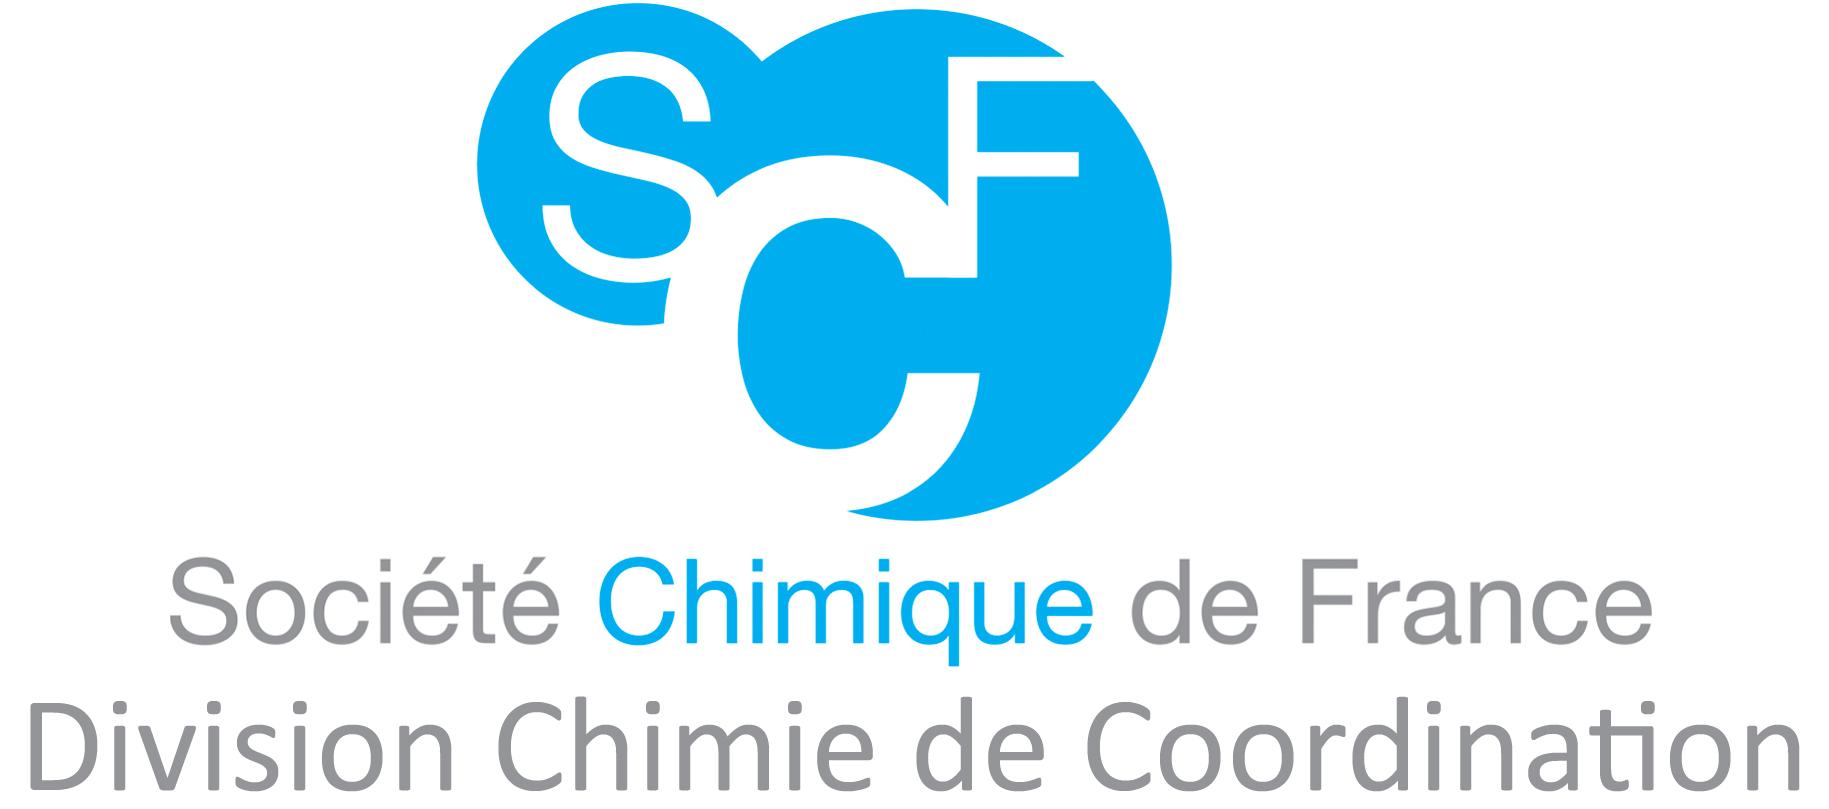 Société Chimique de France - Division de Chimie de Coordination